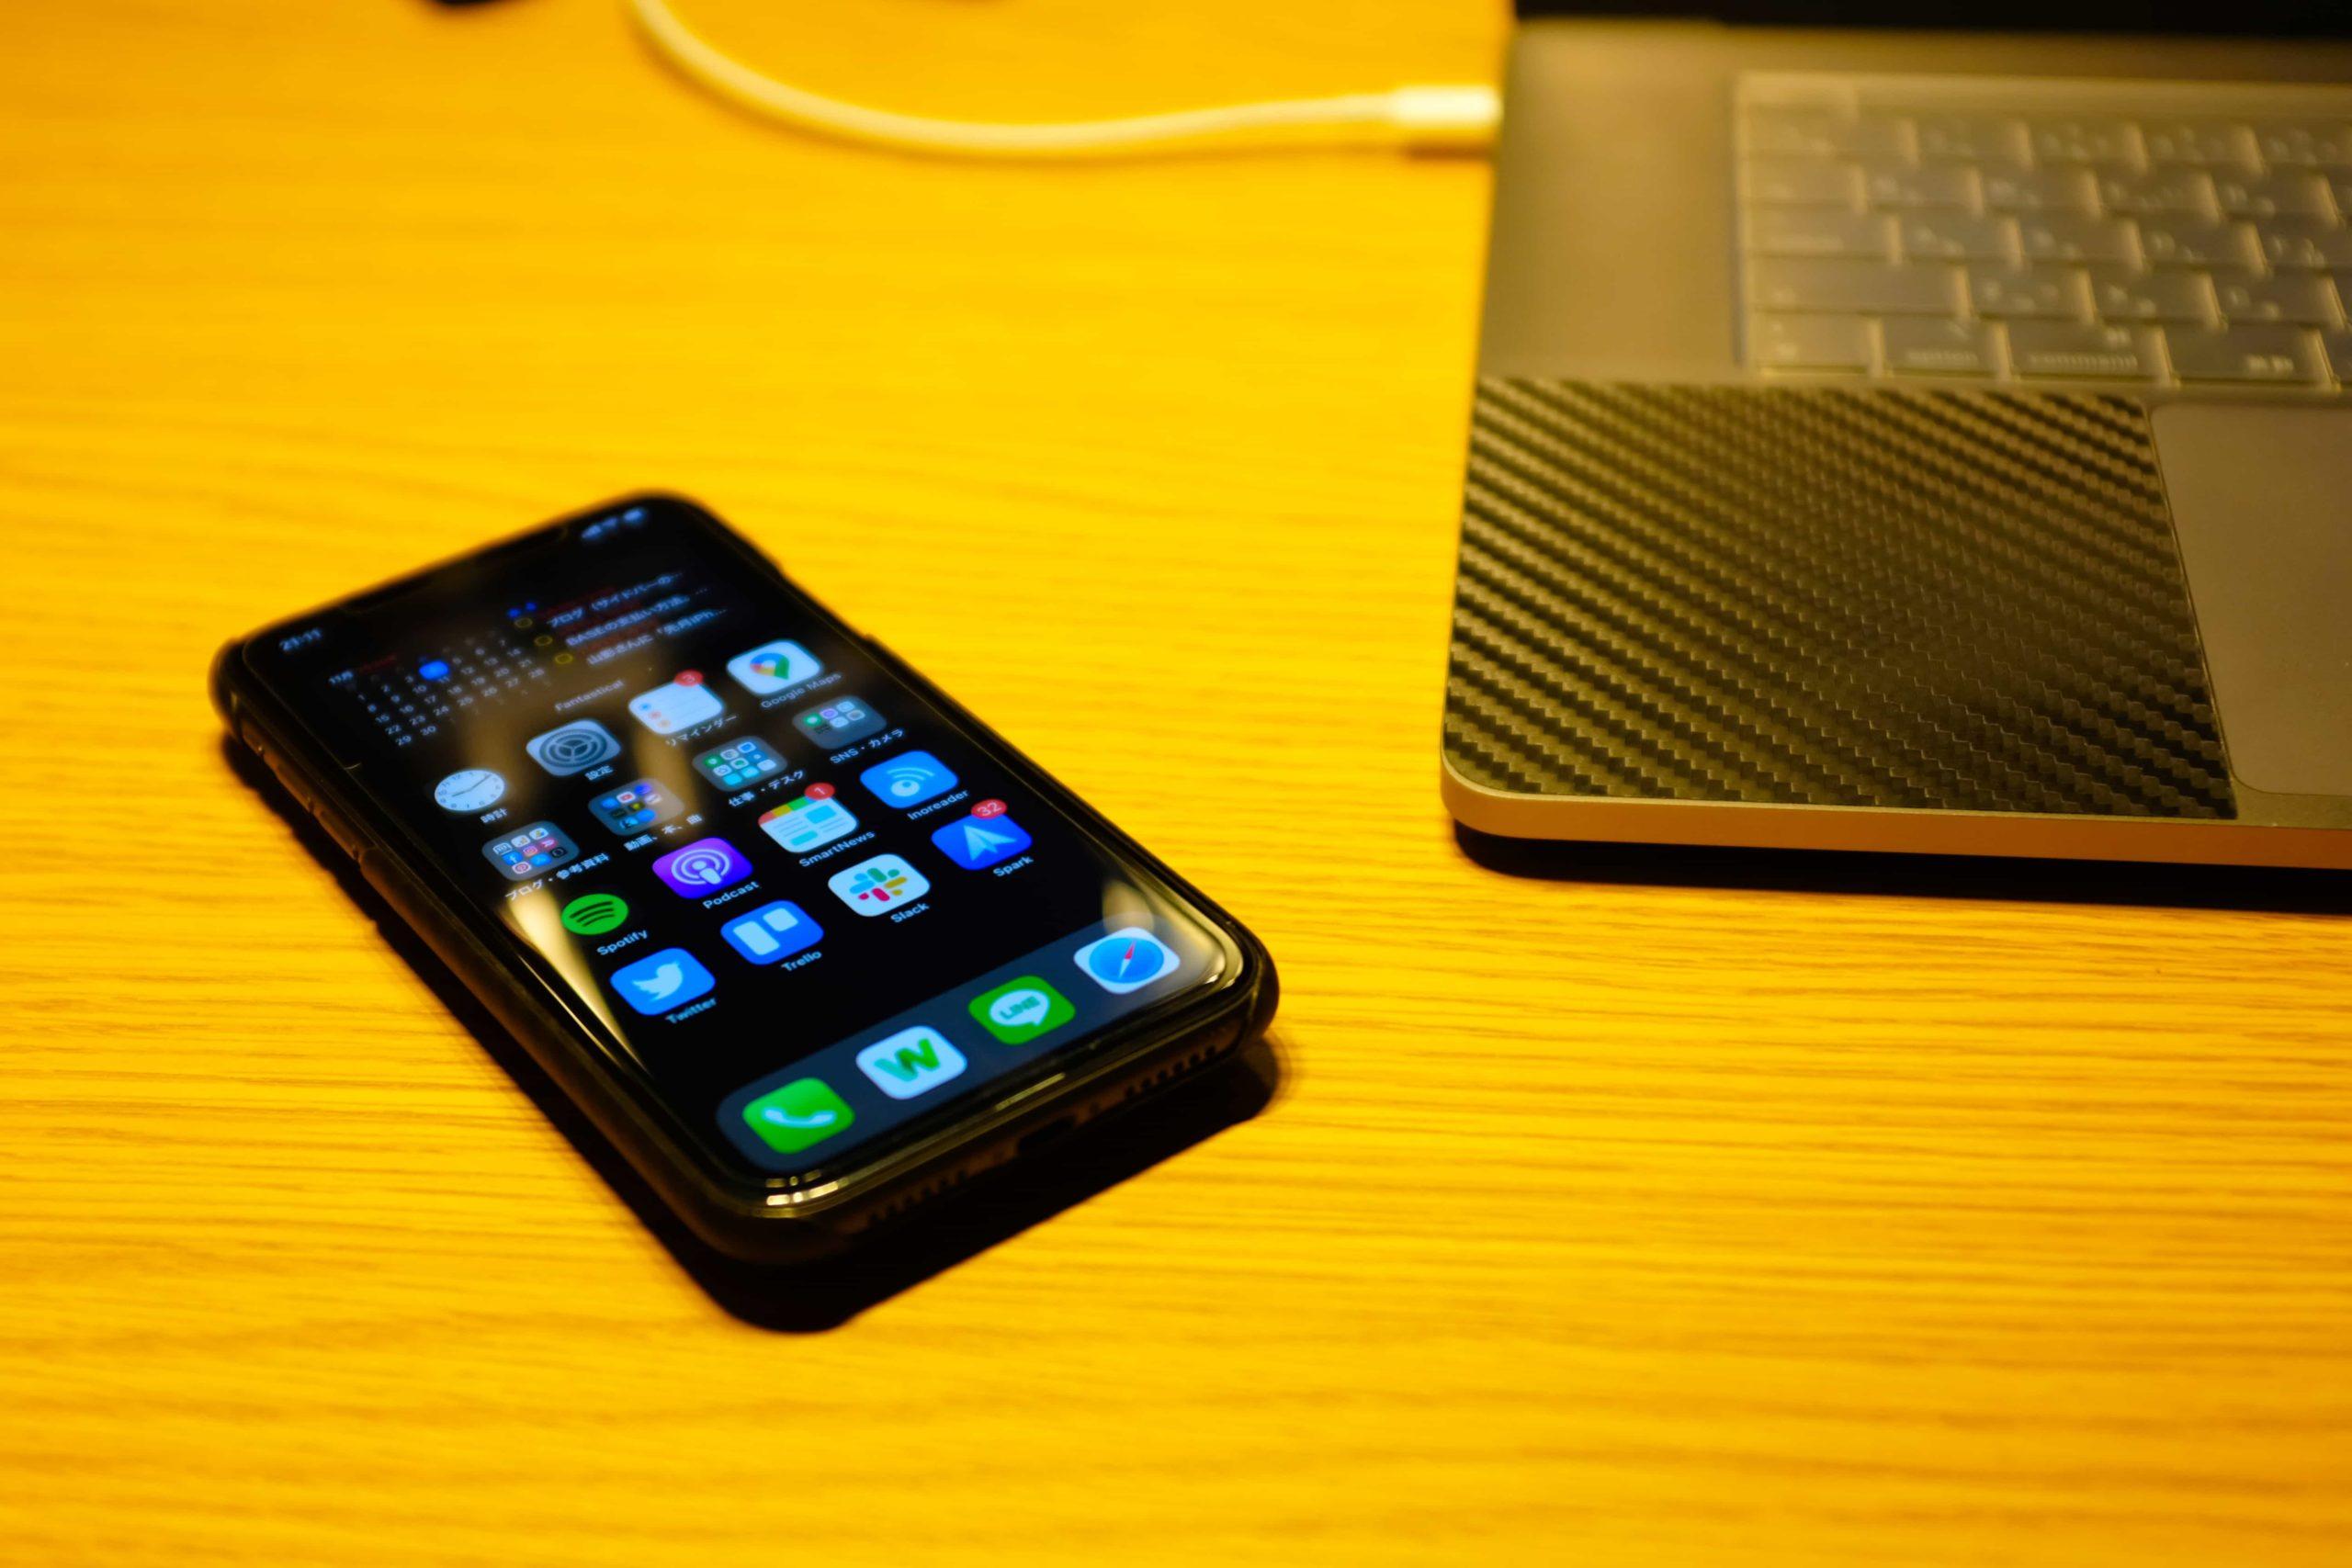 iPhoneのアプリを断捨離!?スッキリしたiPhoneのホーム画面